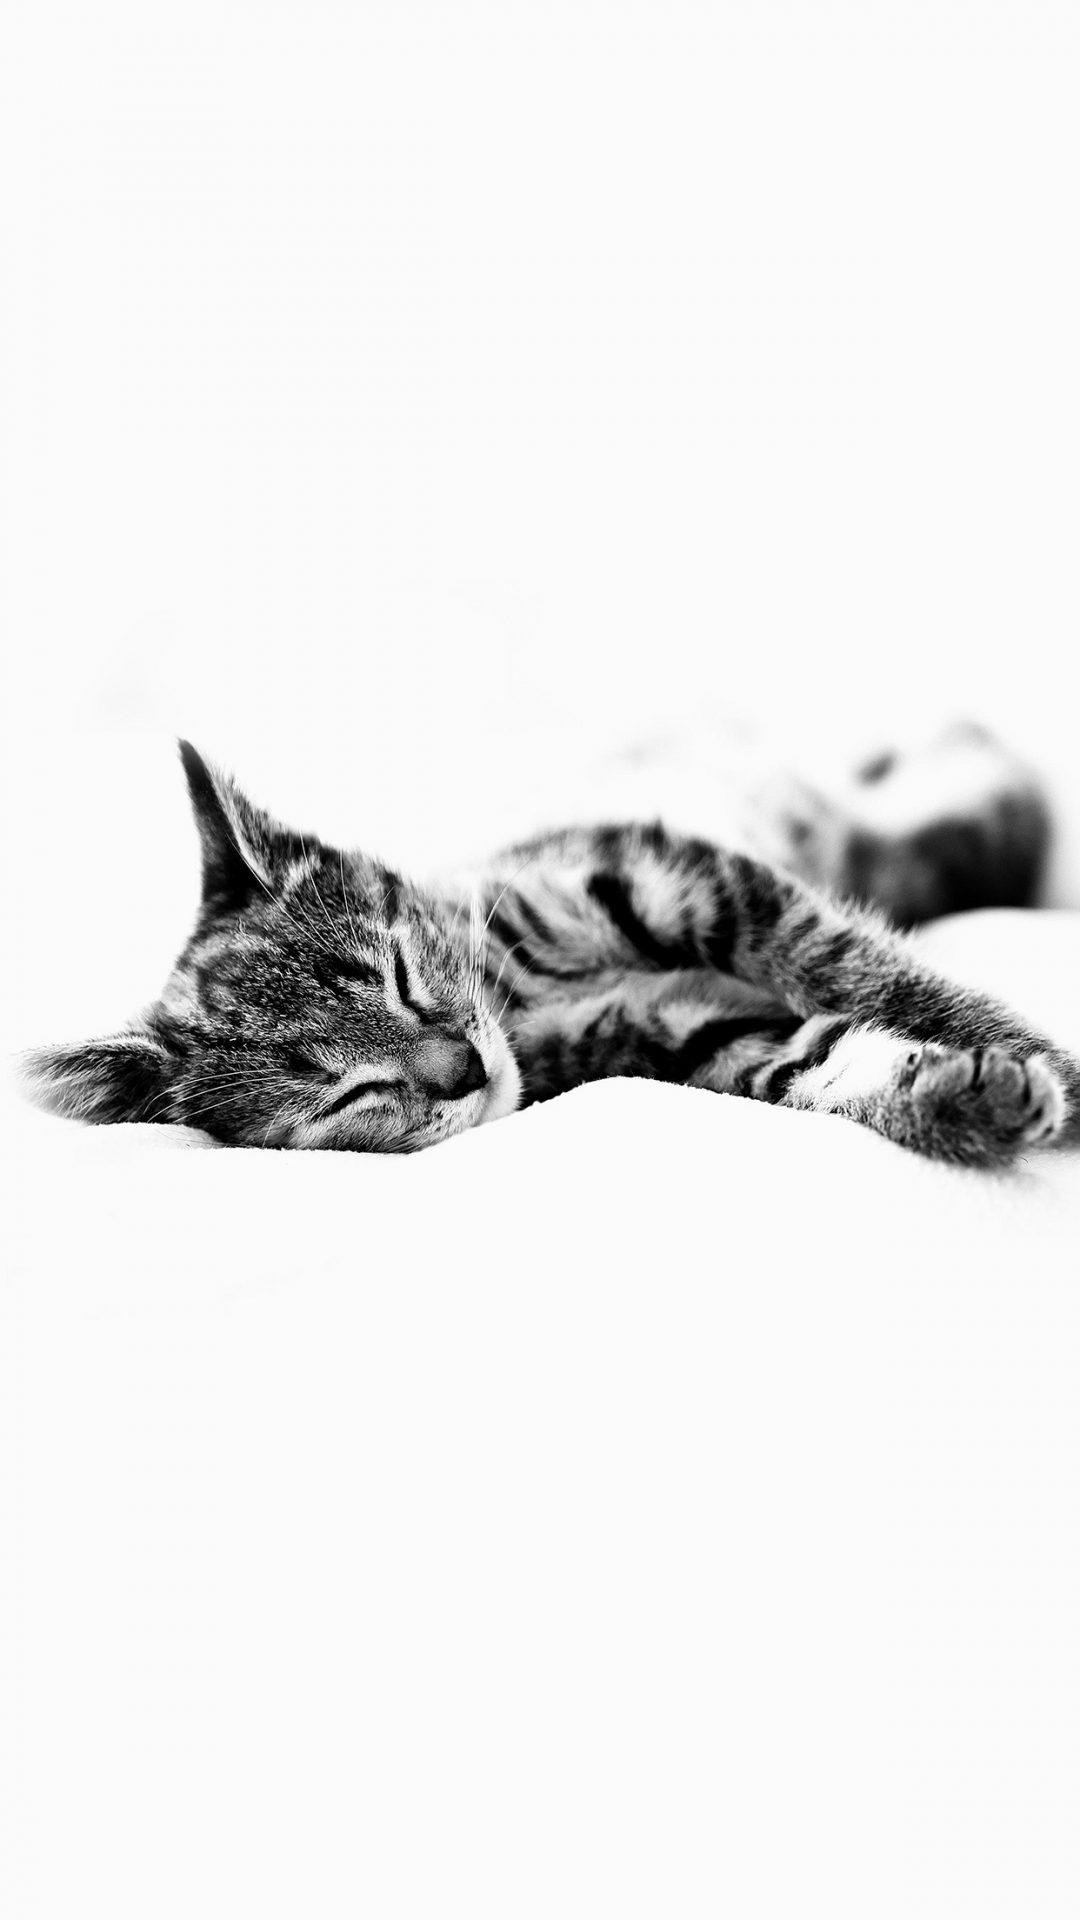 Sleepy Cat Kitten White Animal